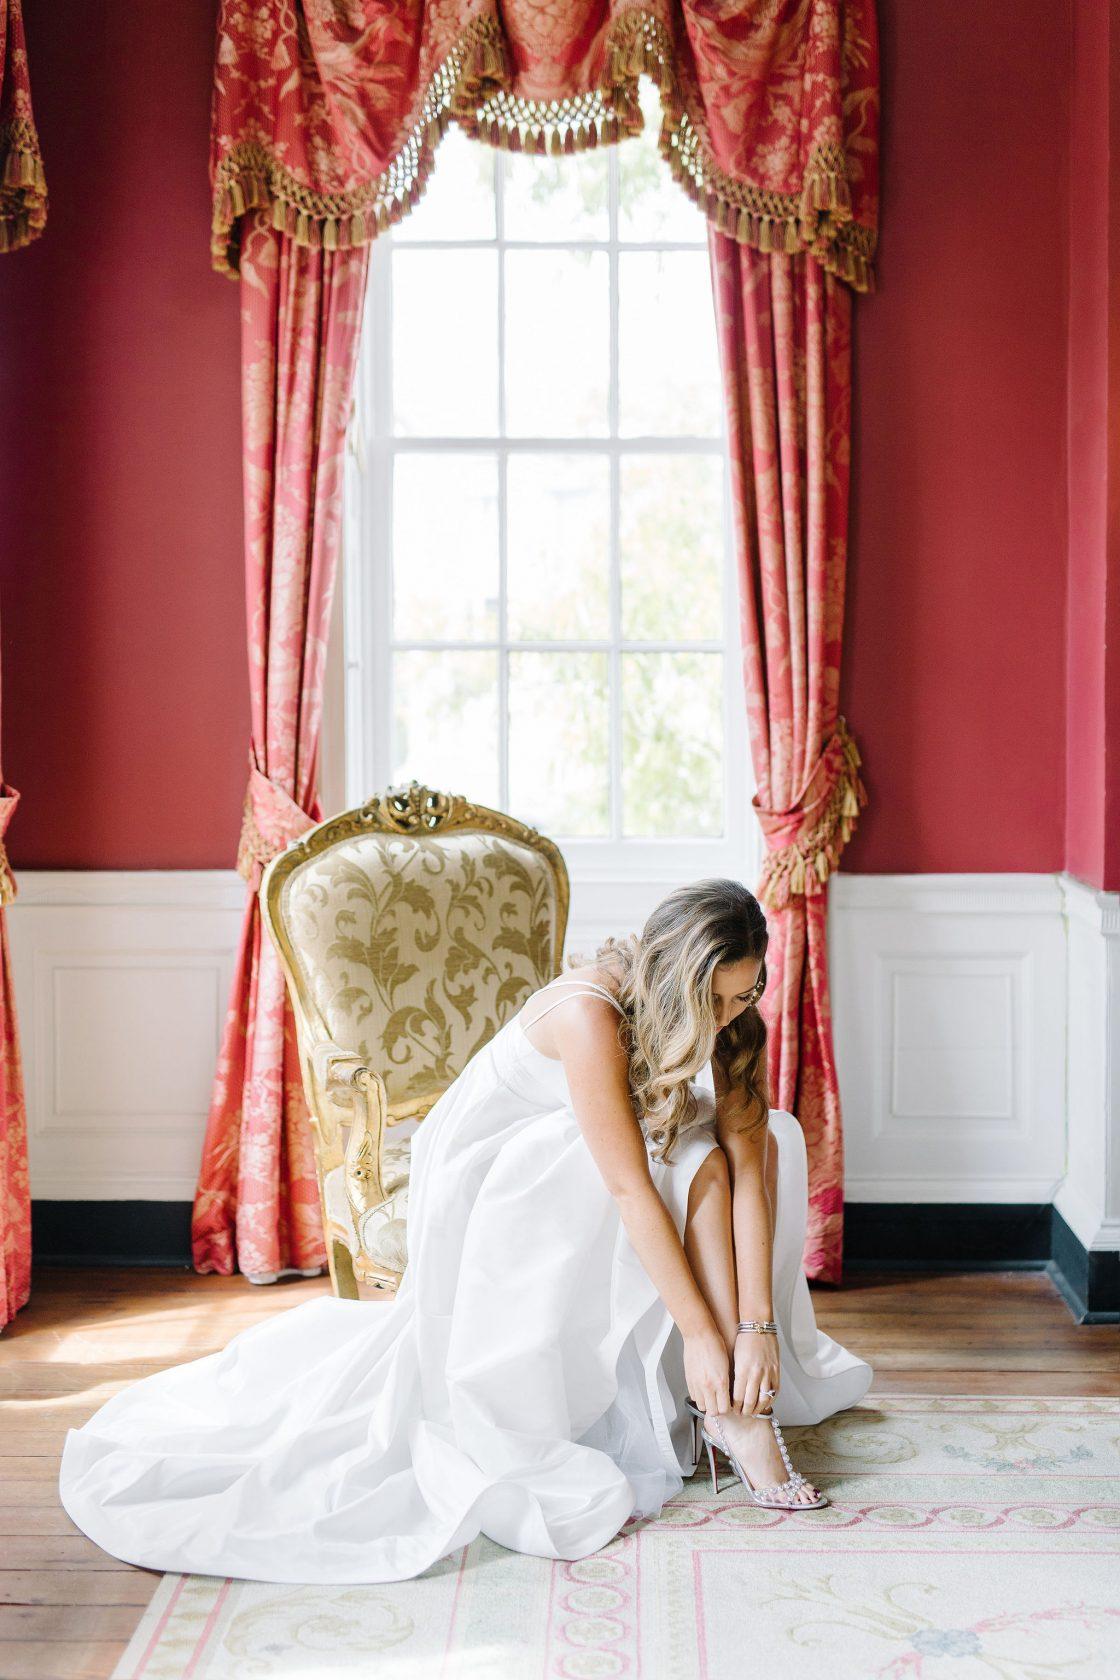 Getting Ready Bridal Photo